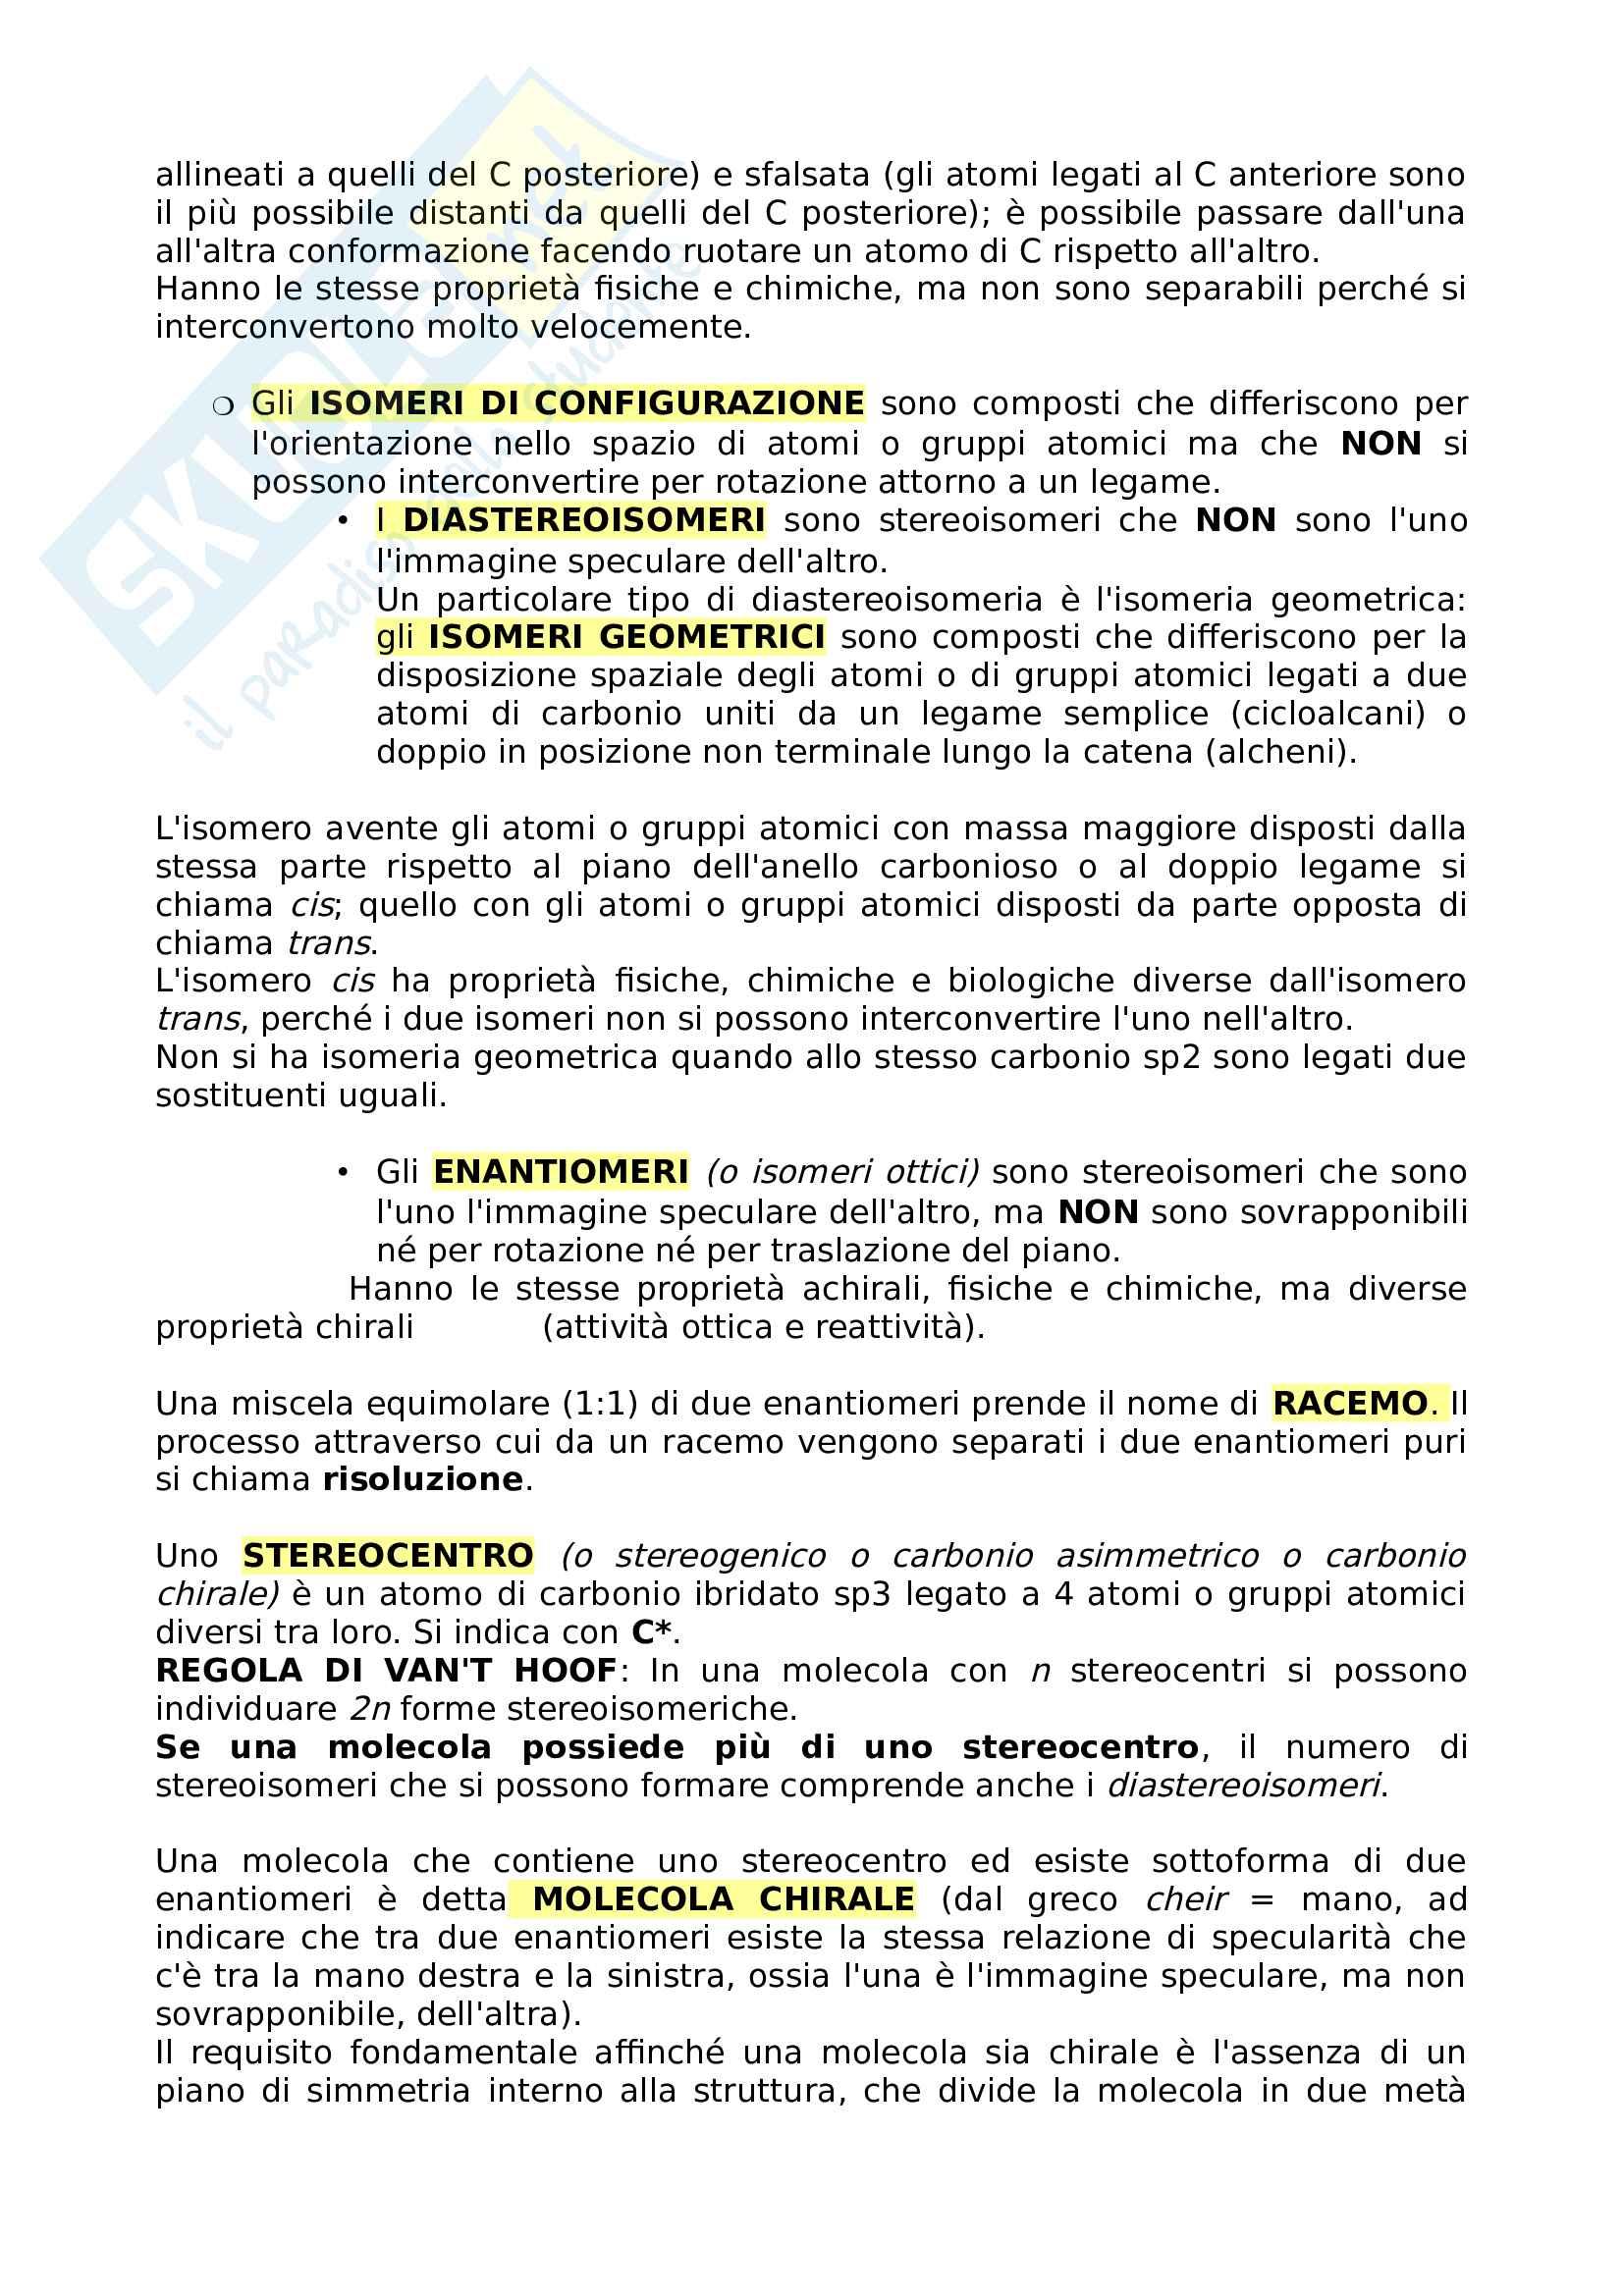 Appunti Chimica organica per il test di Medicina (parte I) Pag. 6